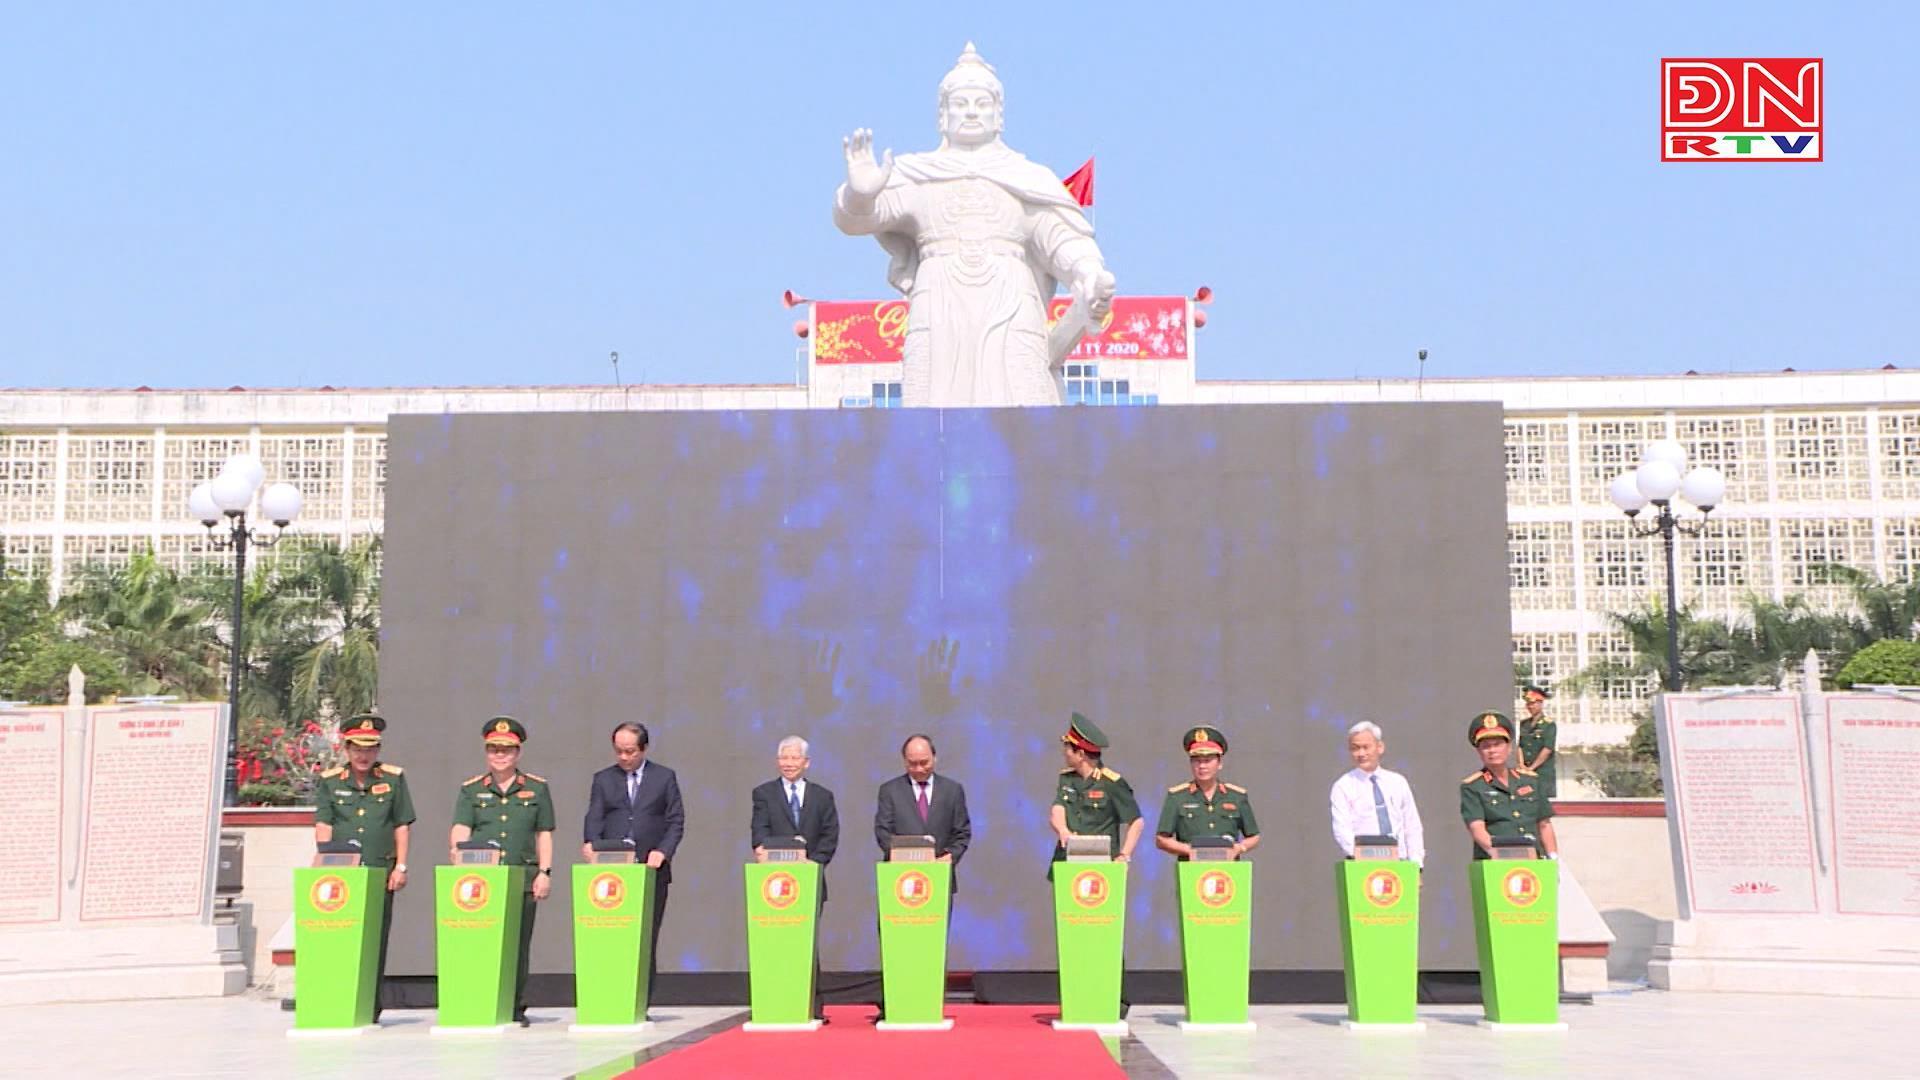 Thủ tướng bấm nút khánh thành tượng đài Hoàng đế Quang Trung – Nguyễn Huệ tại Đồng Nai